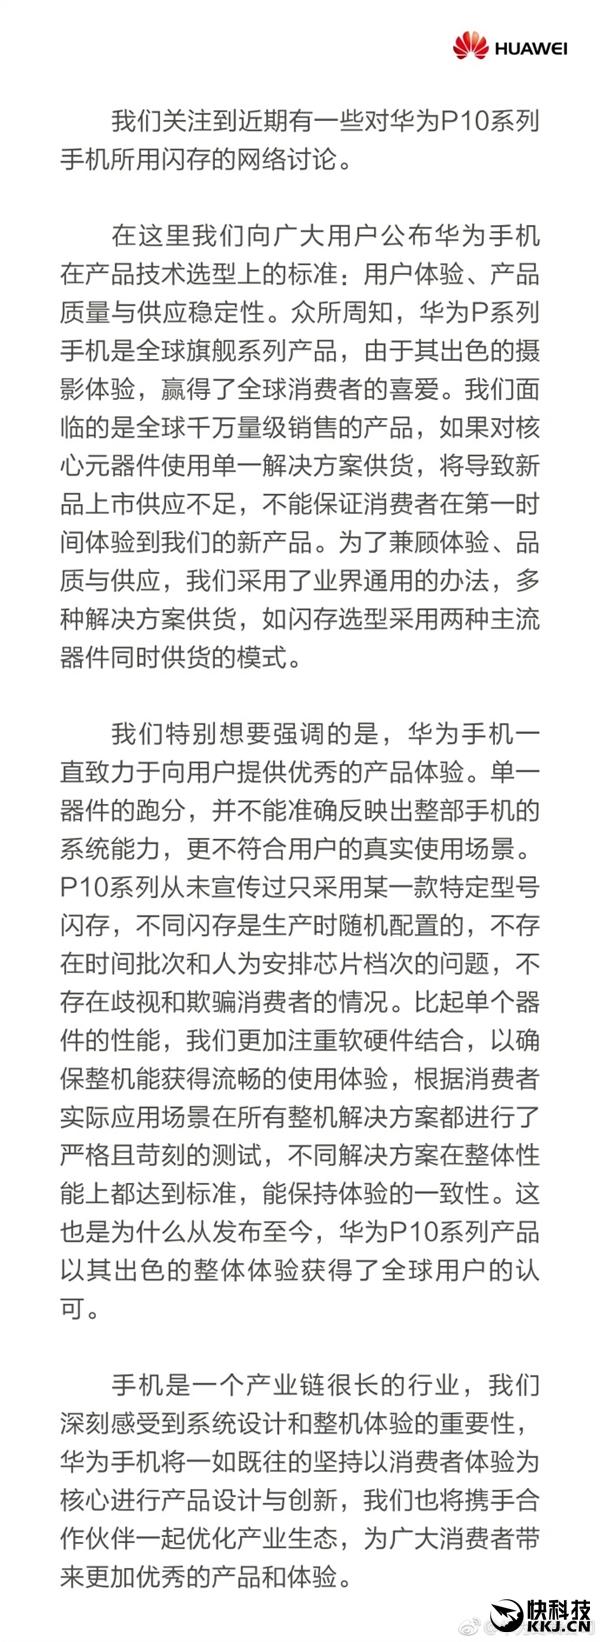 华为官方正式回应P10闪存事件:技术选型标准公布